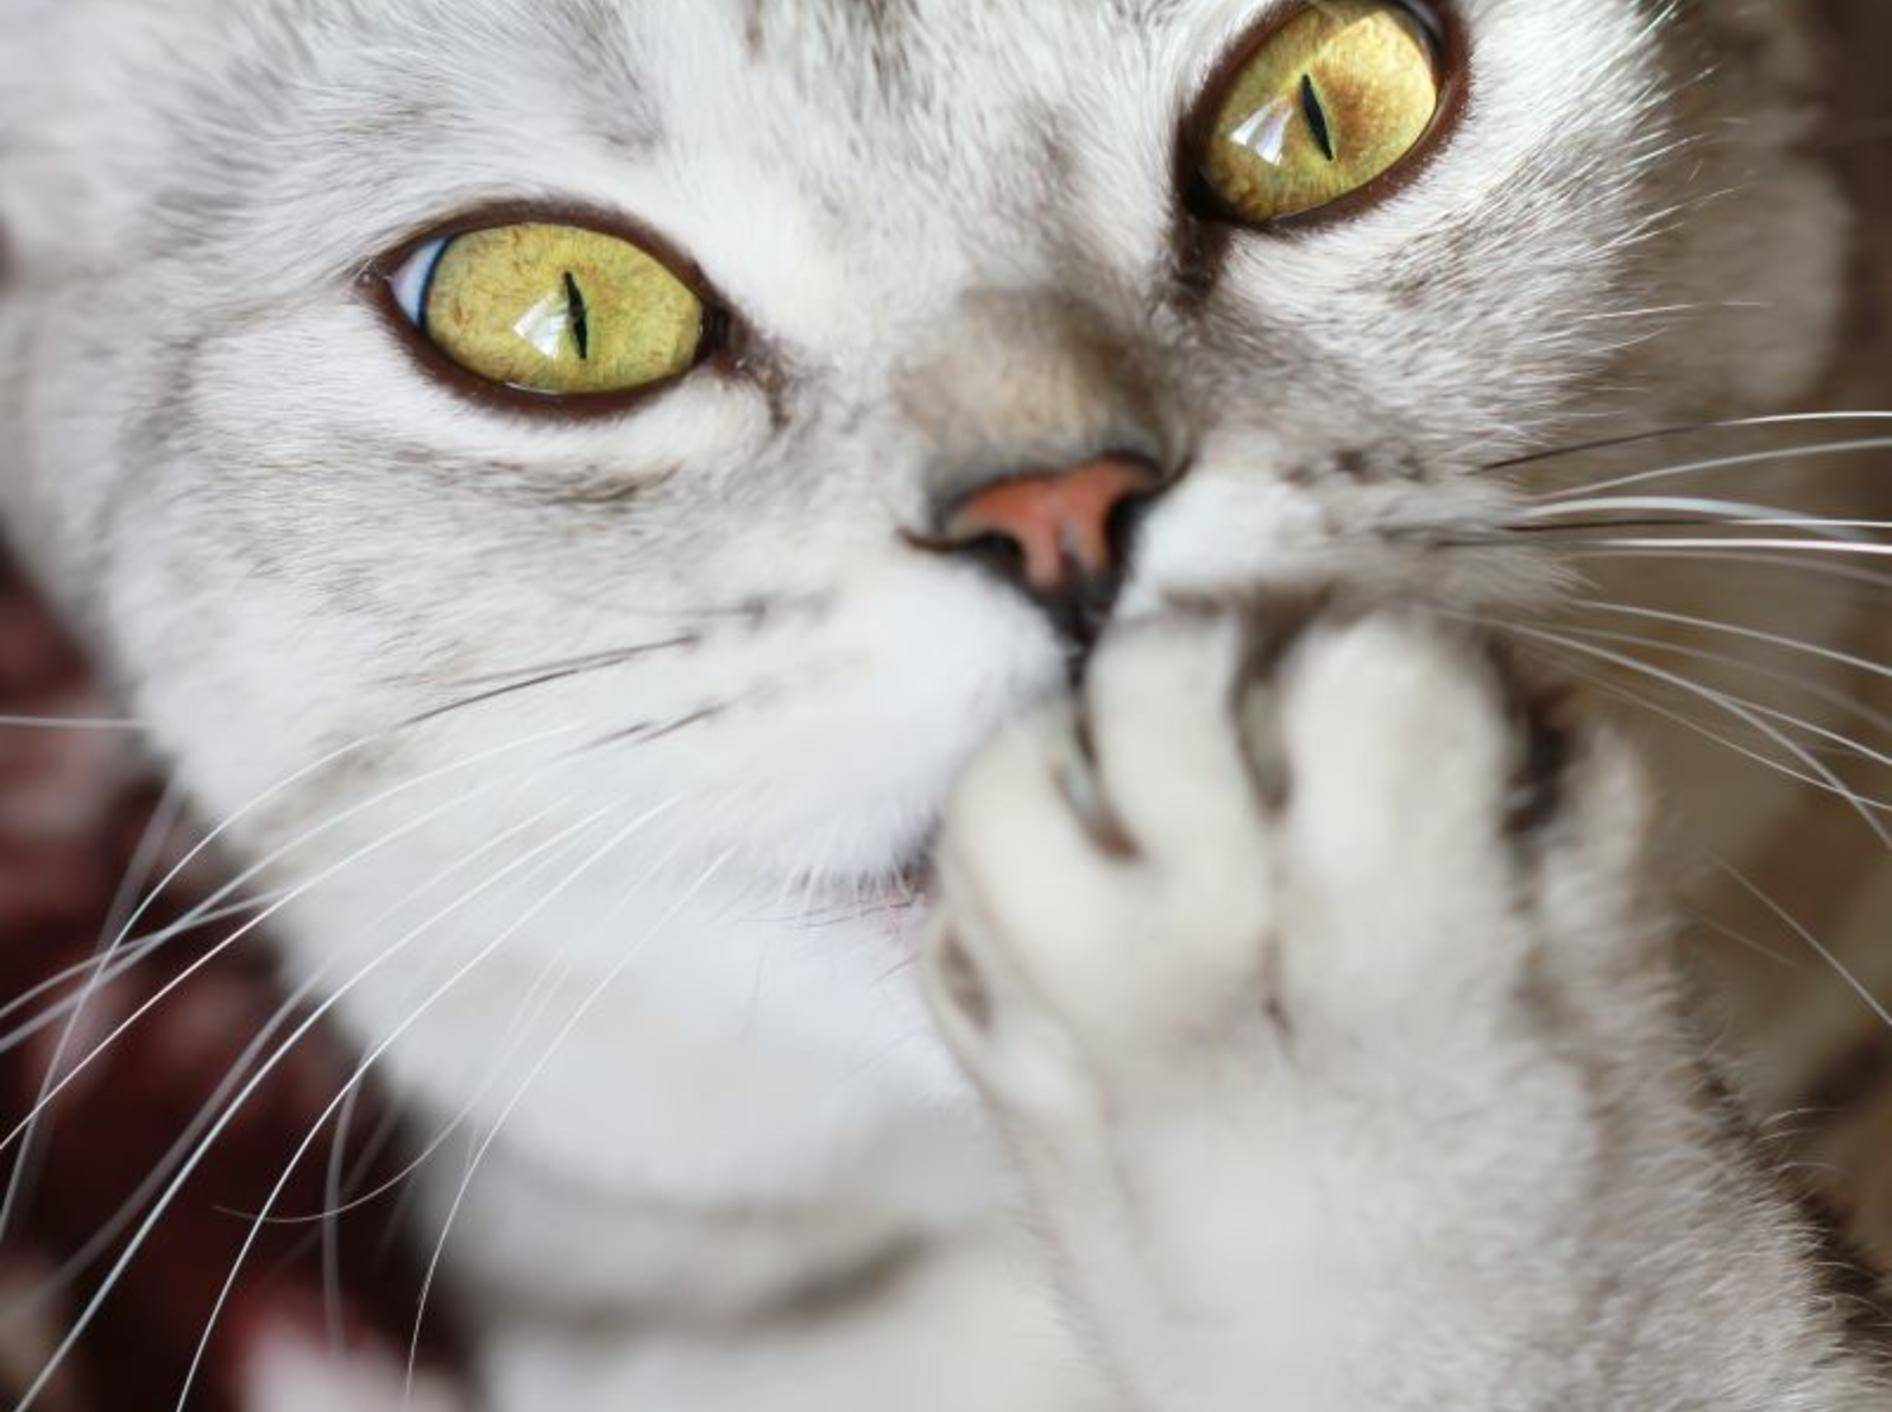 Psychogene Leckalopezie kann zum Beispiel durch Stress verursacht werden – Bild: Shutterstock / turlakova